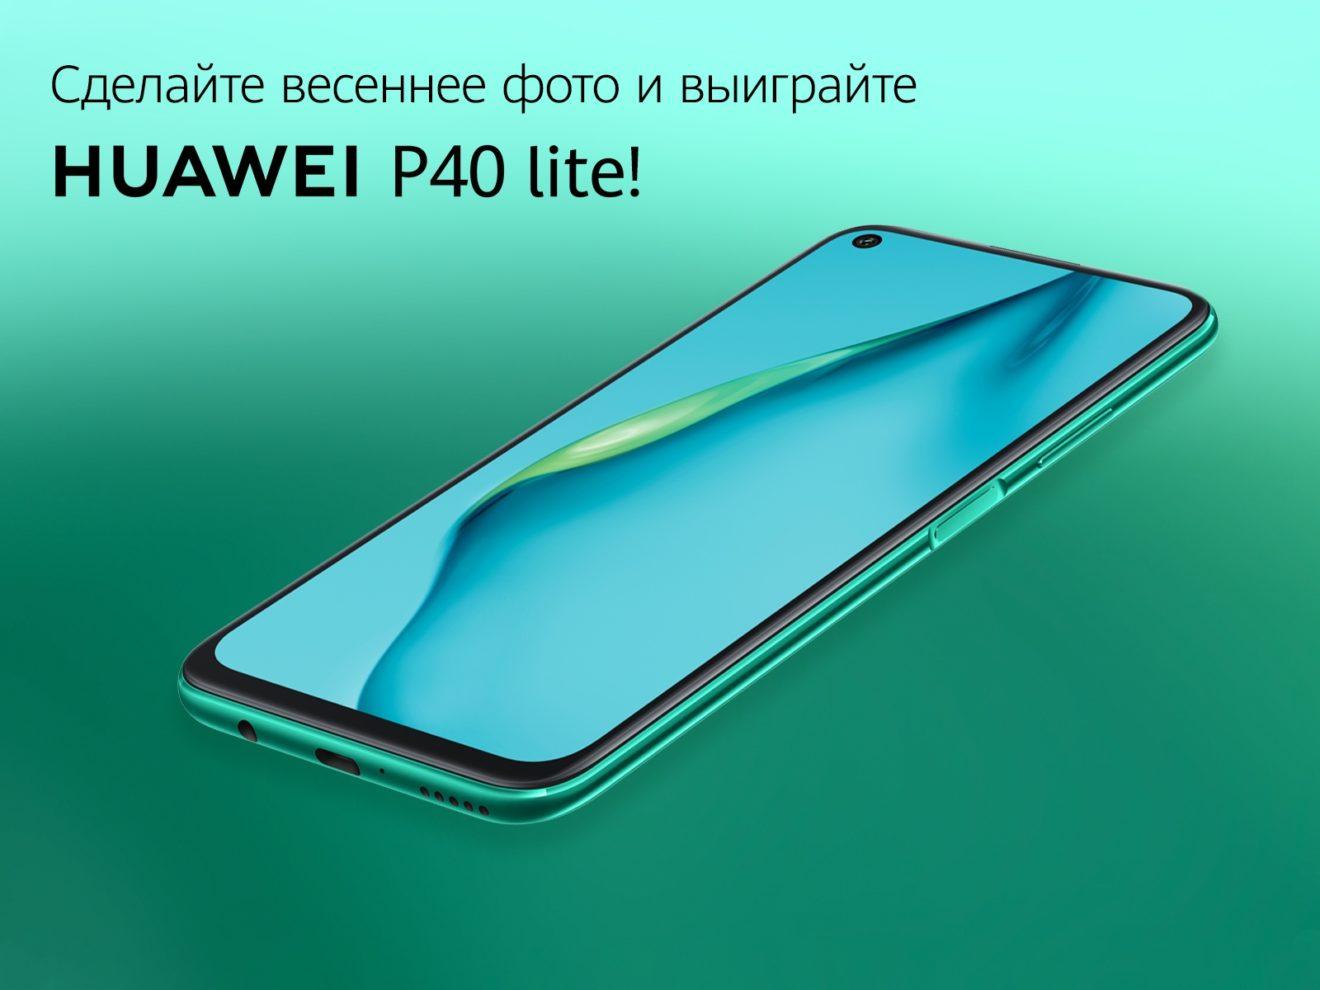 Участвуйте в конкурсе и выиграйте HUAWEI P40 lite